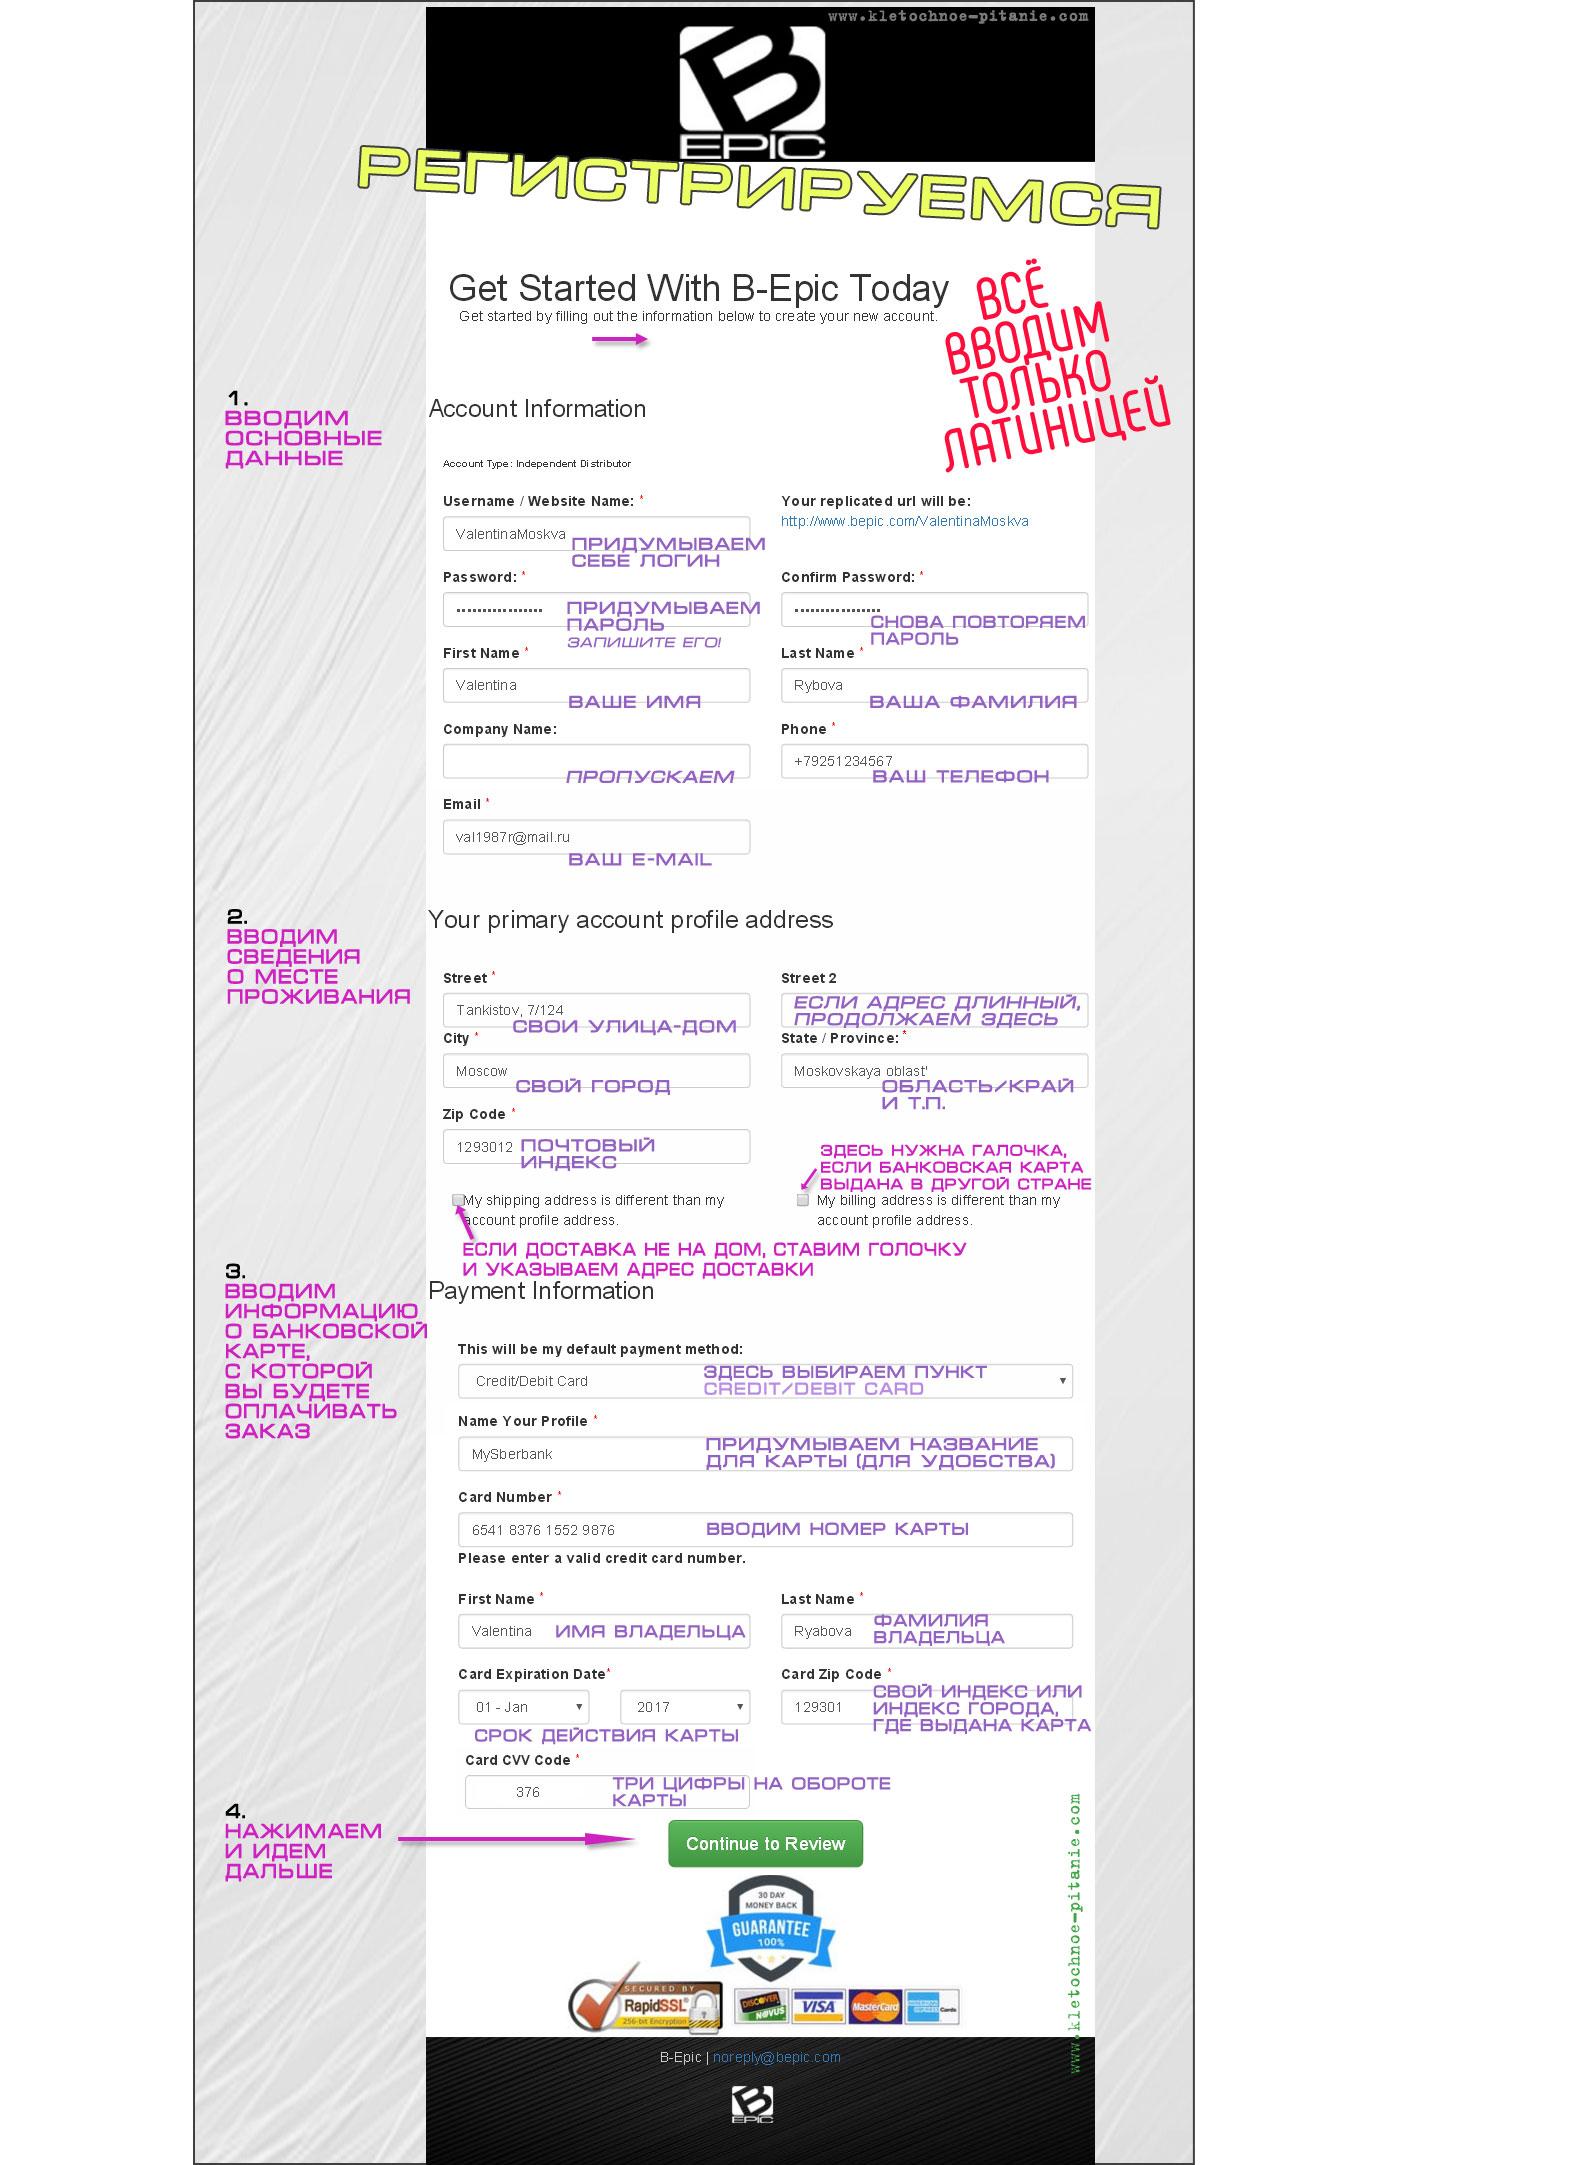 Регистрация в компании BEpic - шаг 3